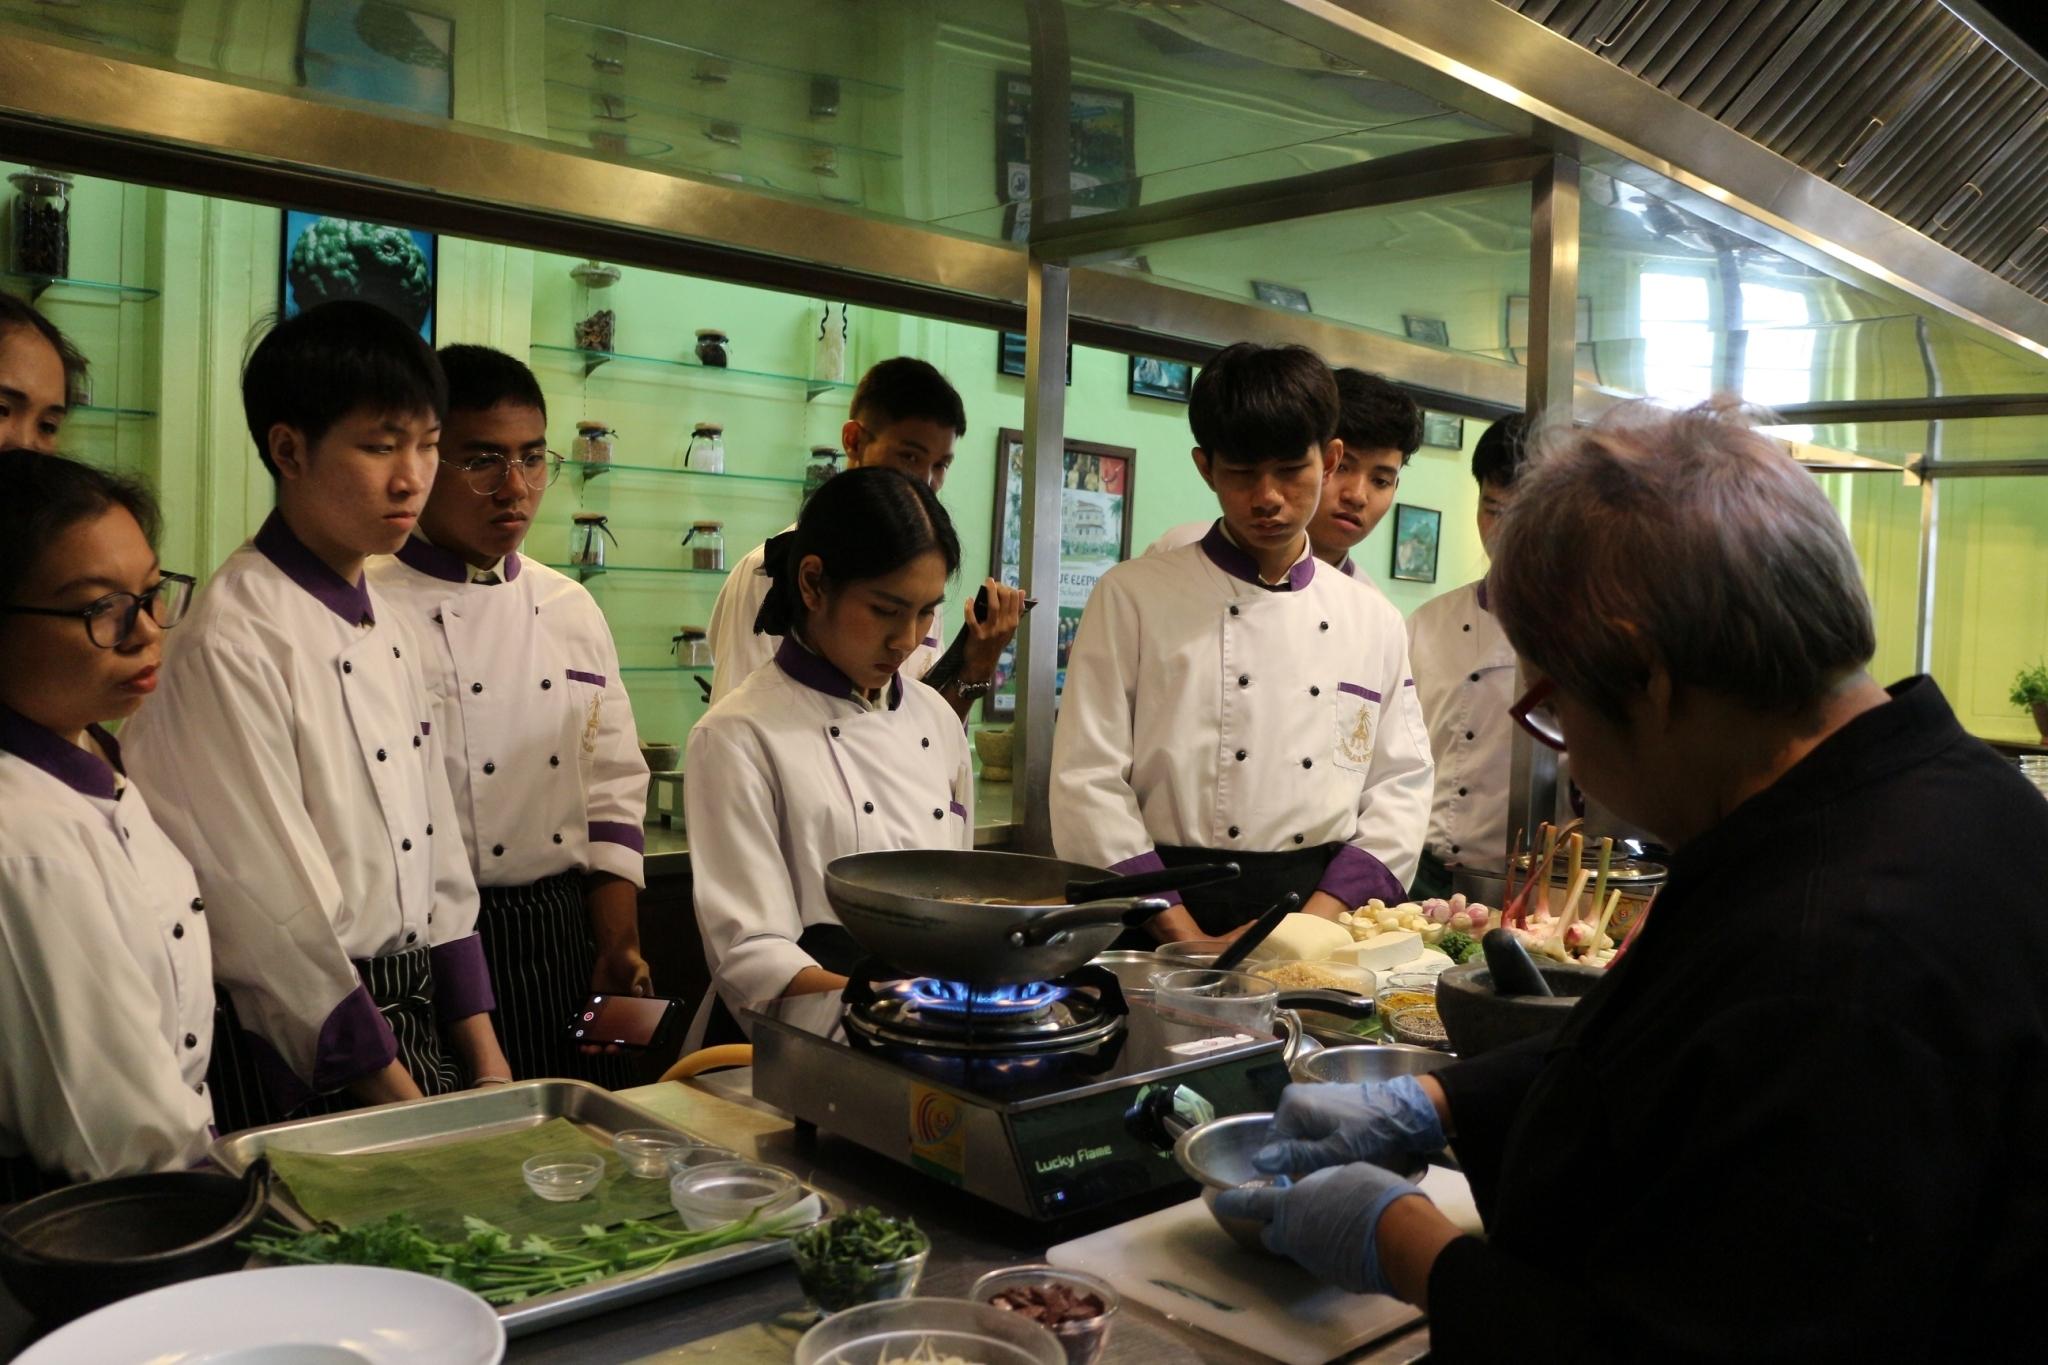 ศึกษาบูรณาการนอกสถานที่ ในหัวข้อ Concept การเปิดร้านอาหารไทย